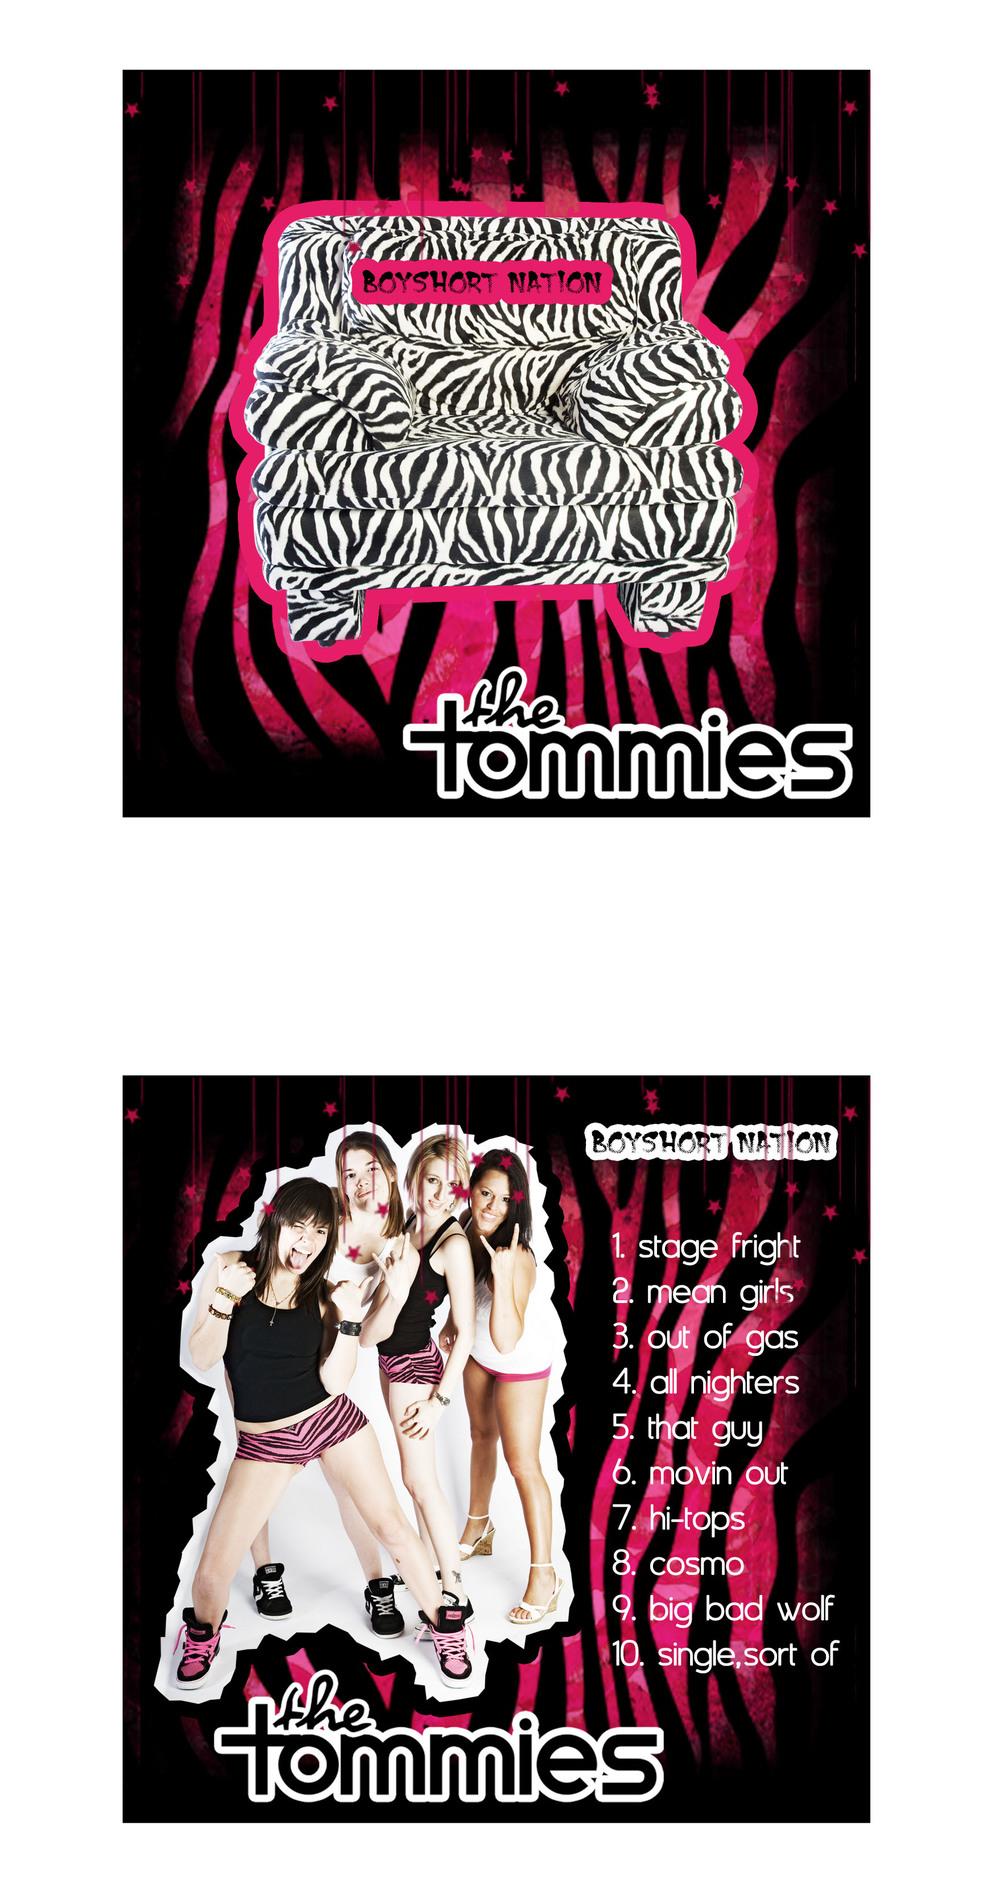 cd tommies2.jpg